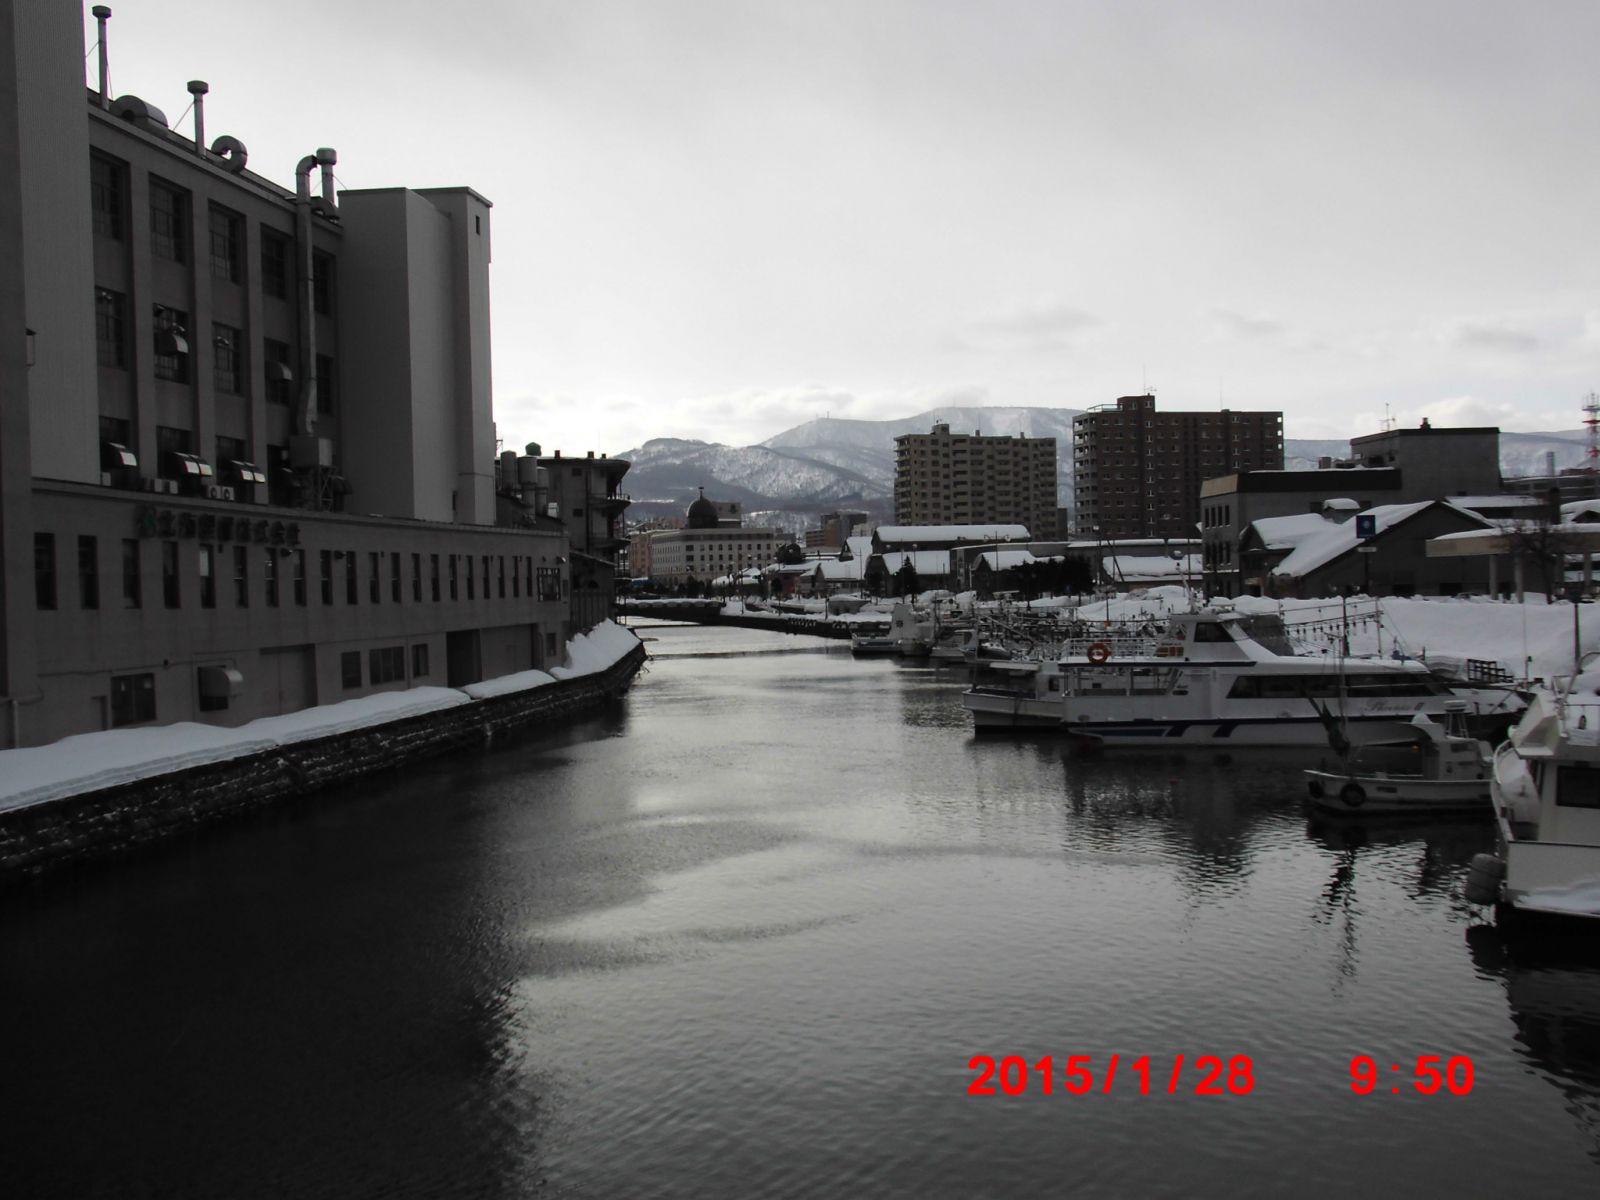 【北海道小樽での観光タクシー】得旅!冬の小樽周遊観光タクシー早回り3時間Bコース